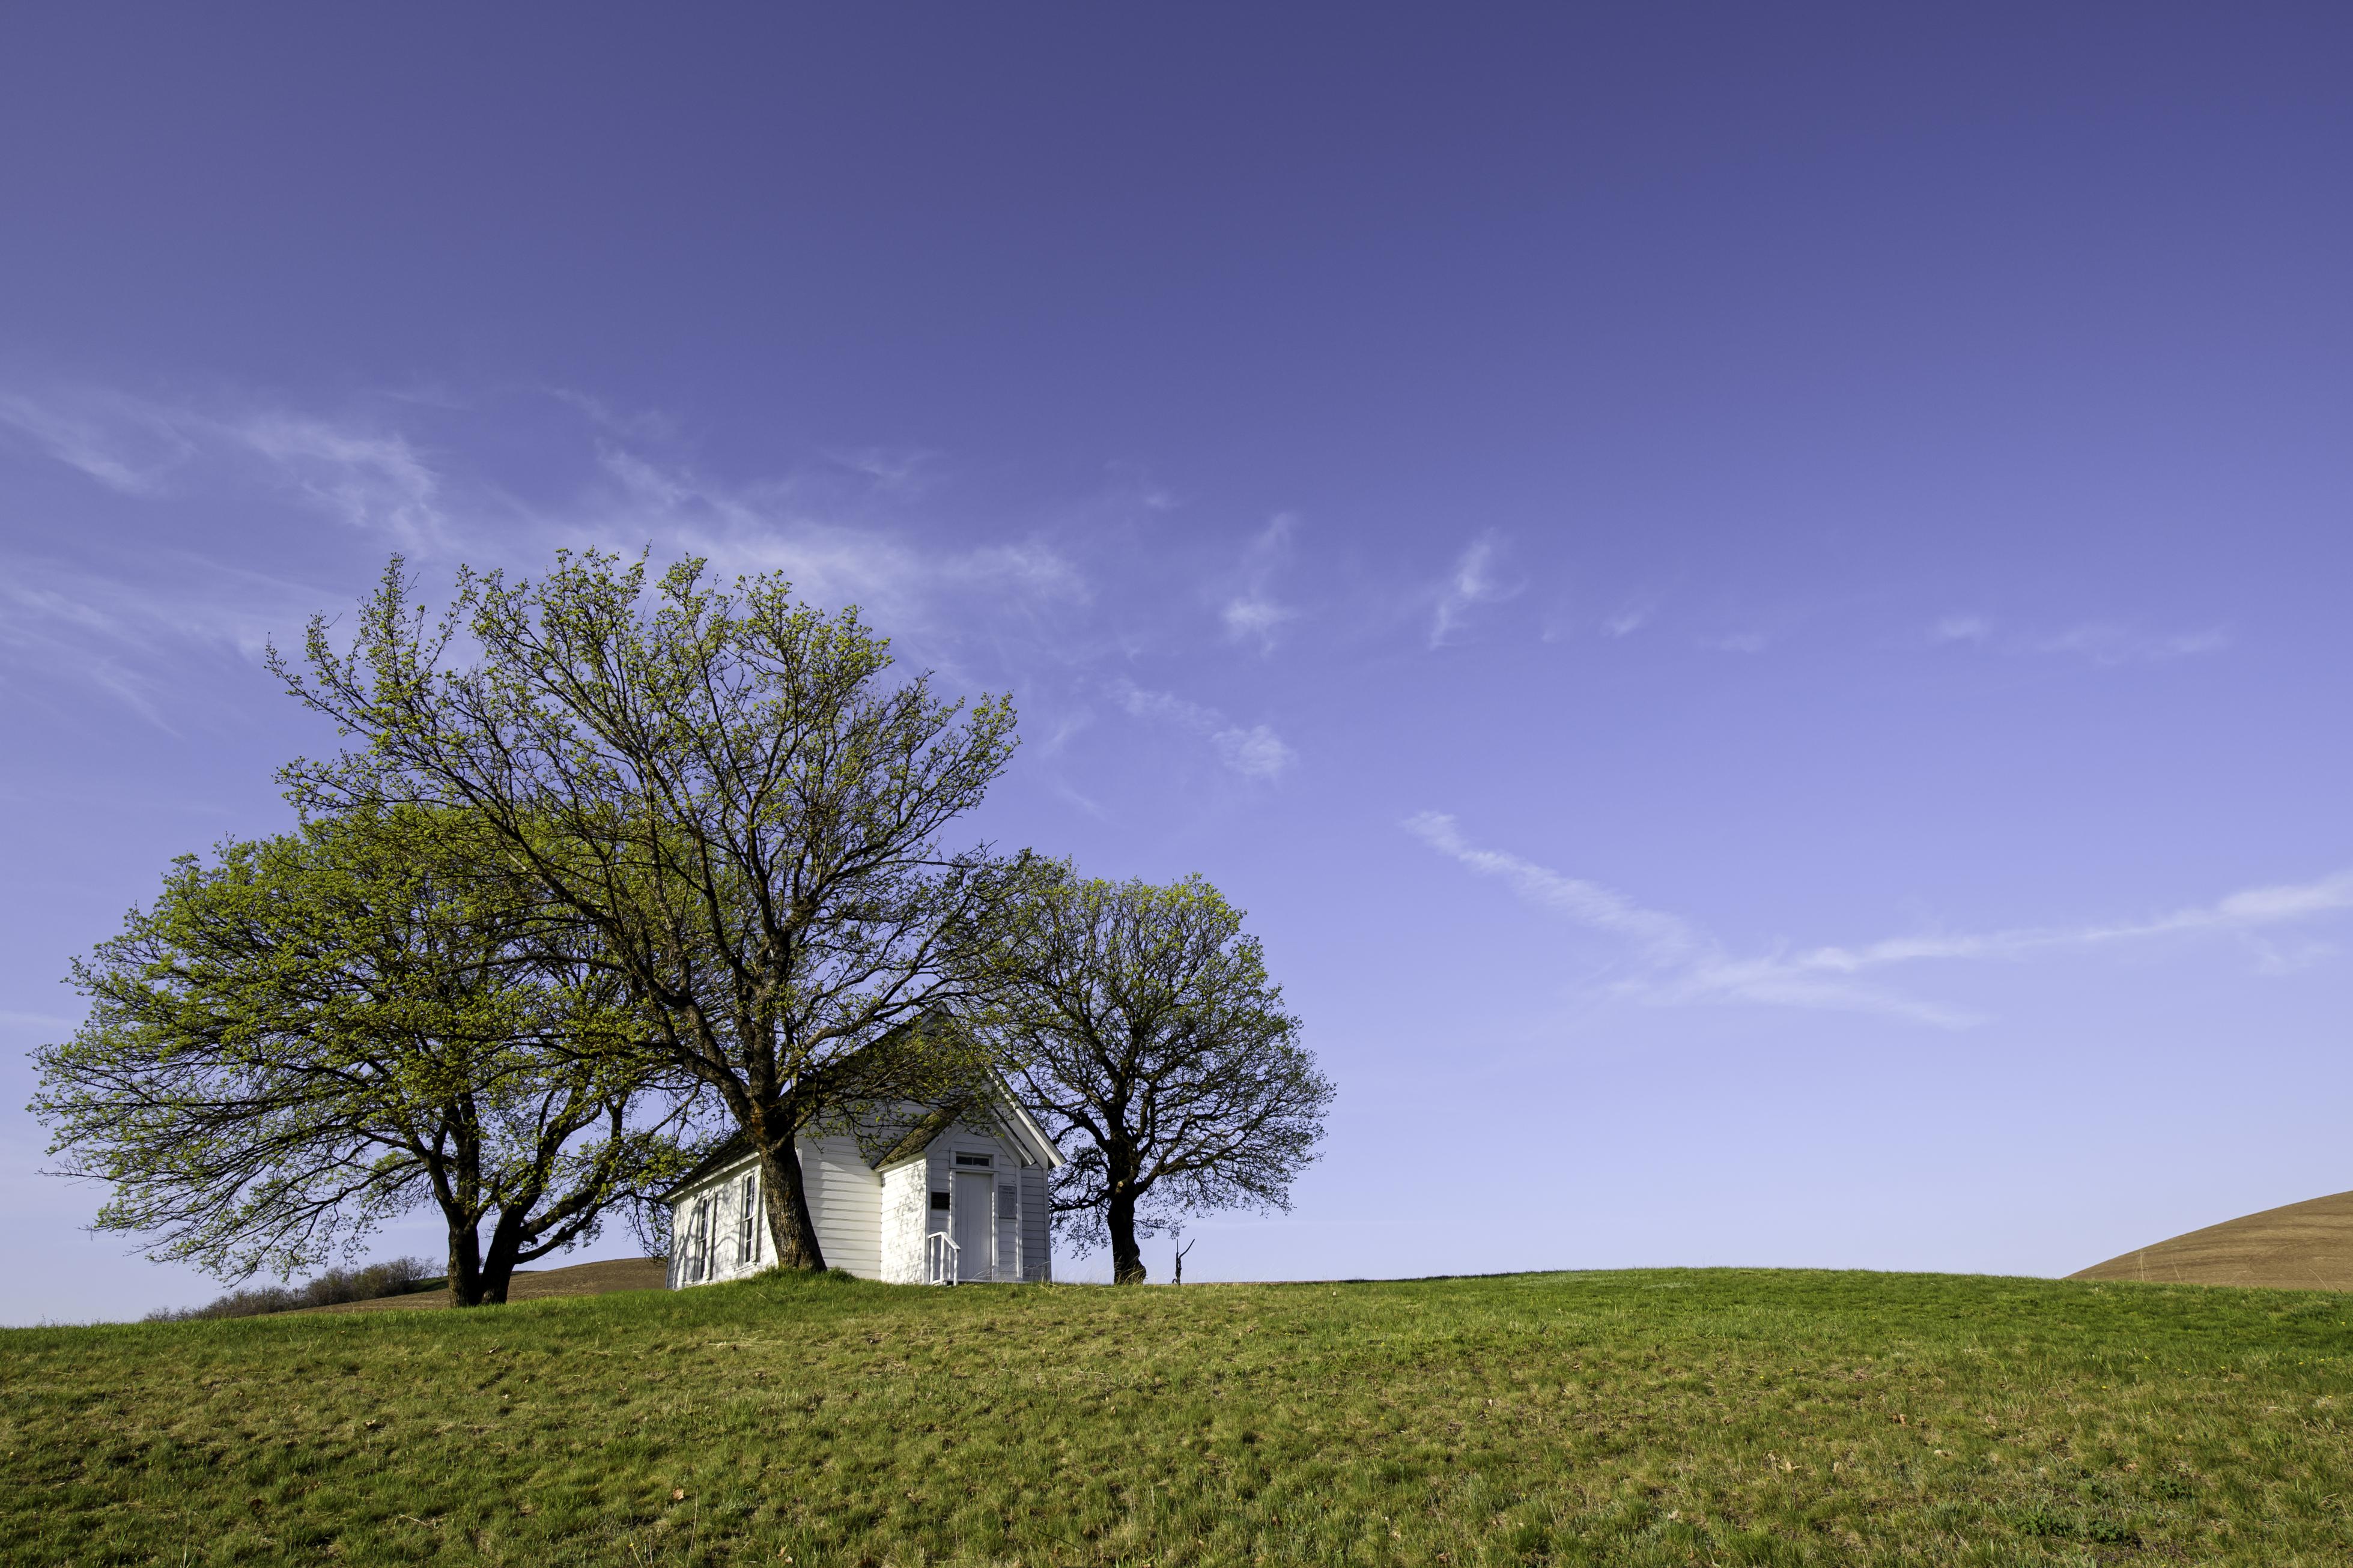 The little church on the k noll 3